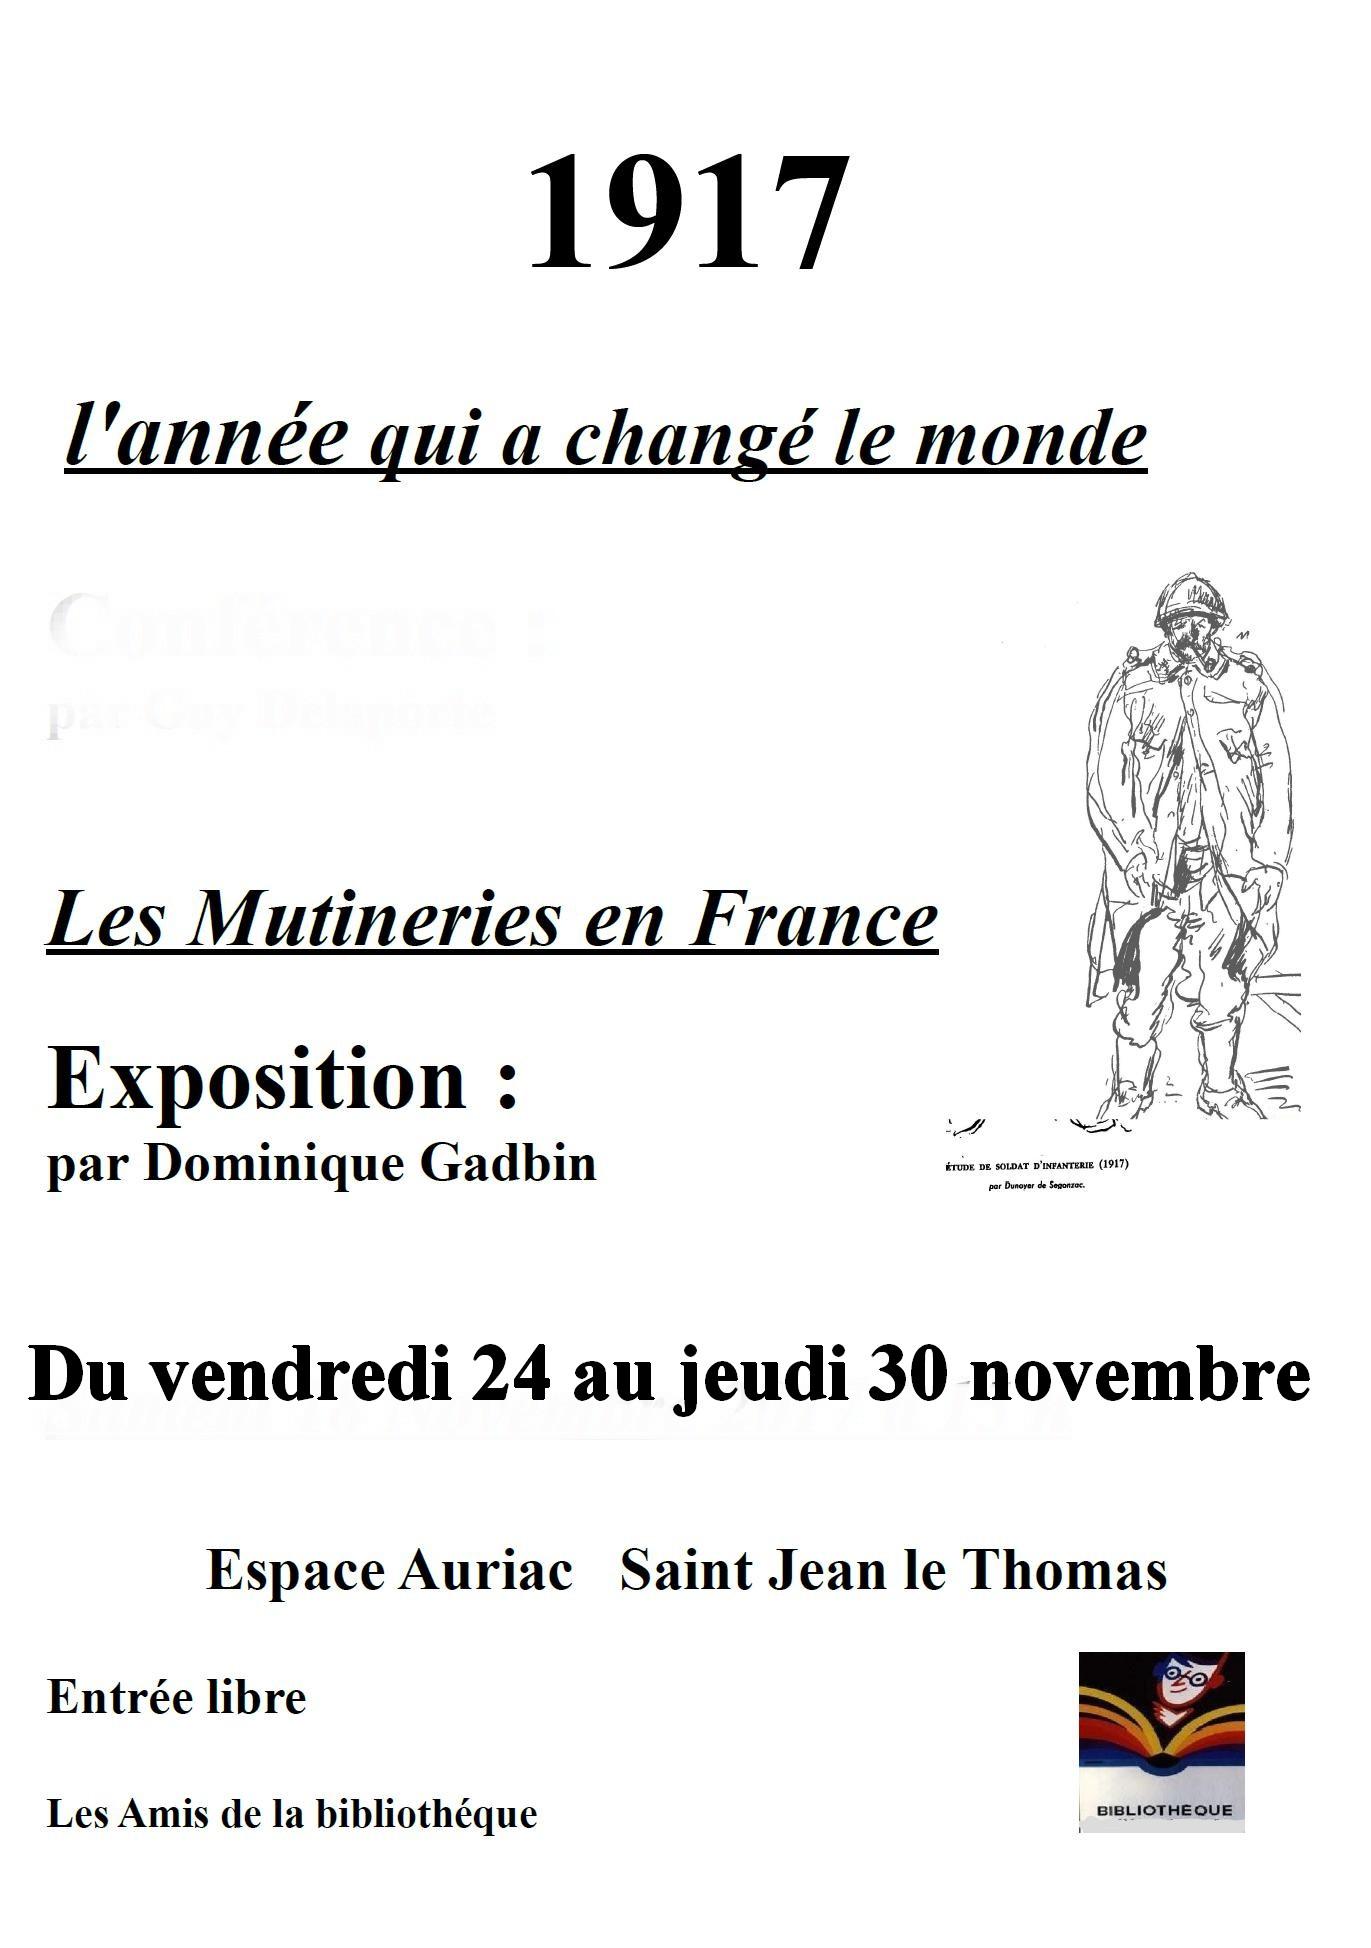 1917 Conférence et exposition